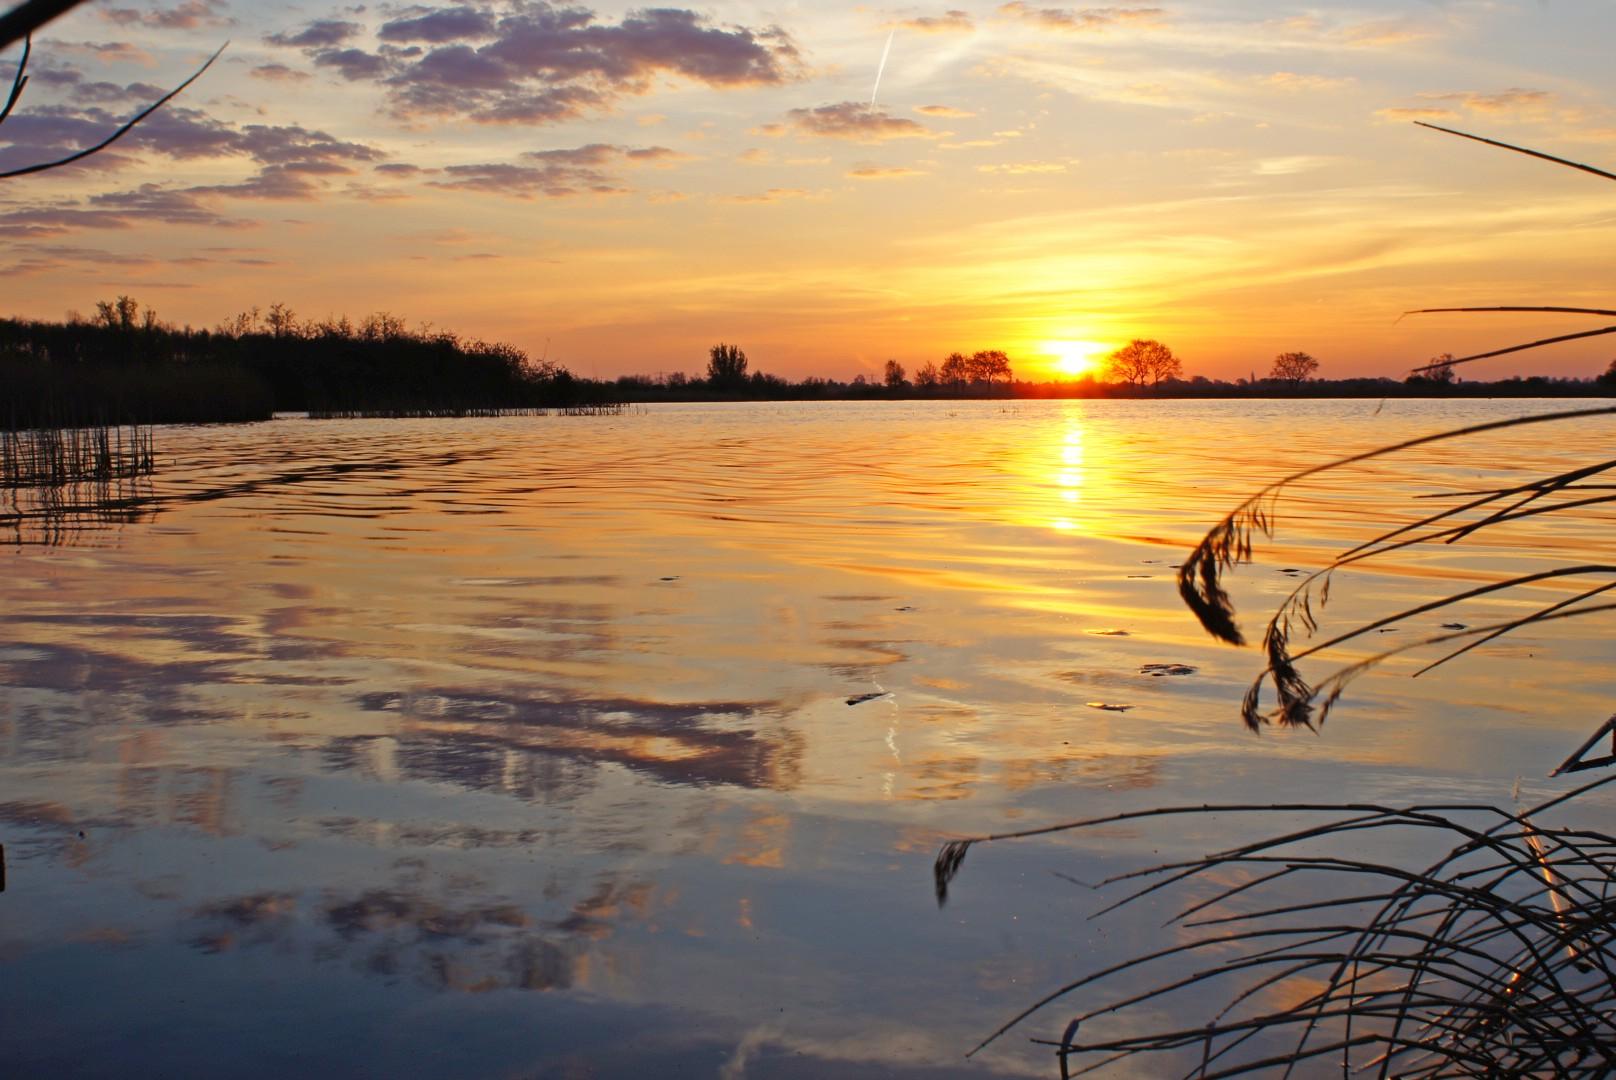 zon opkomst burgumermeer 1